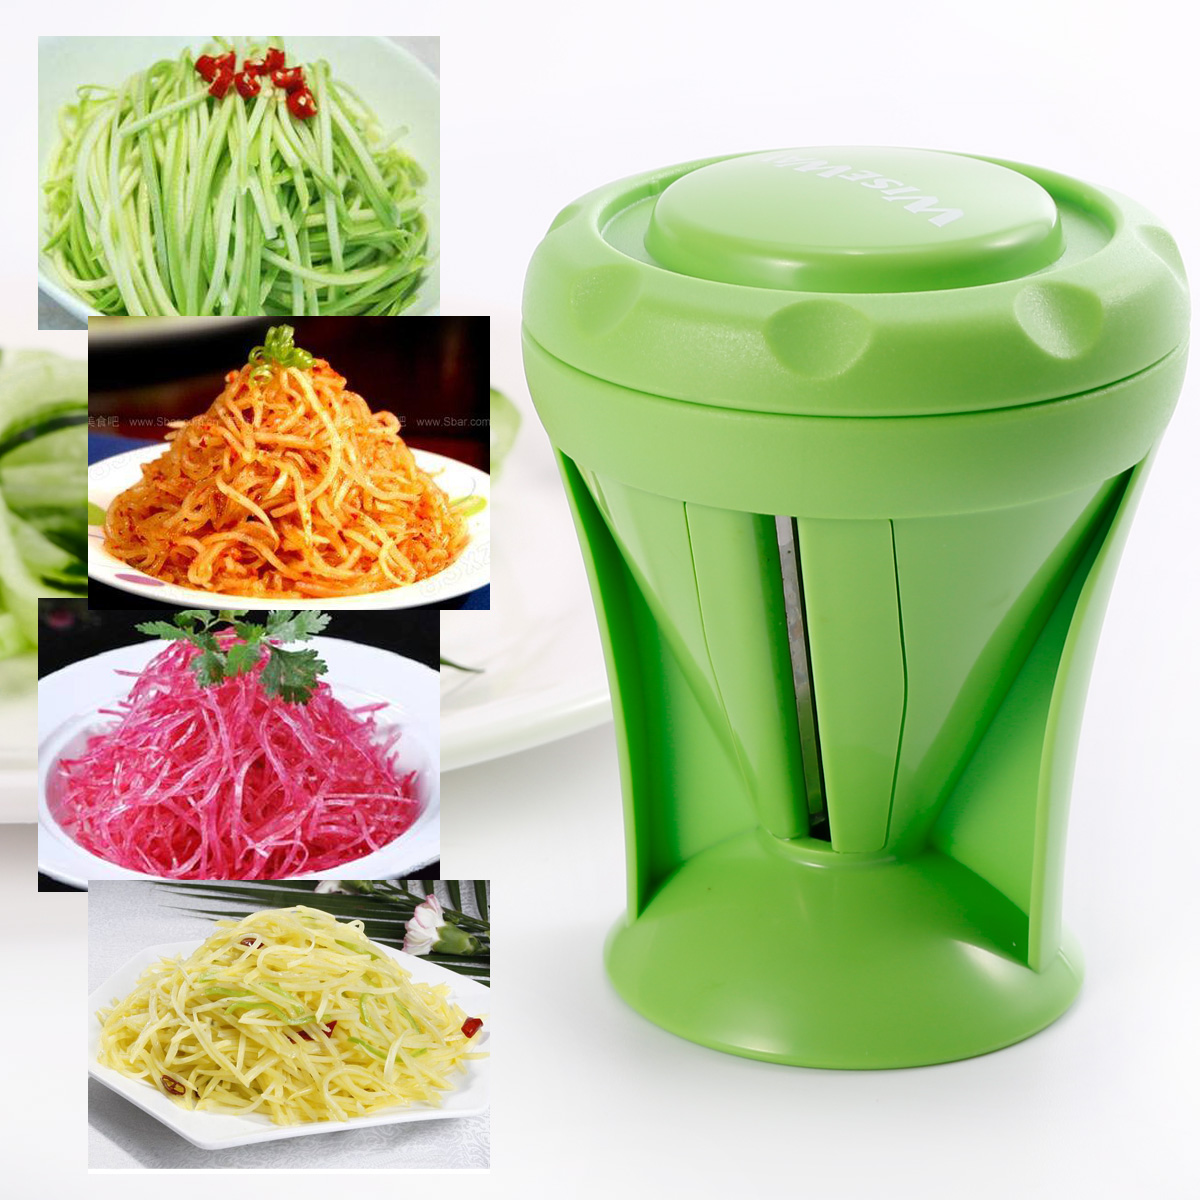 Mandoline coupe l gumes d coupe filament ou tranche - Decoupe legumes coupe legumes oignons et fruits ...